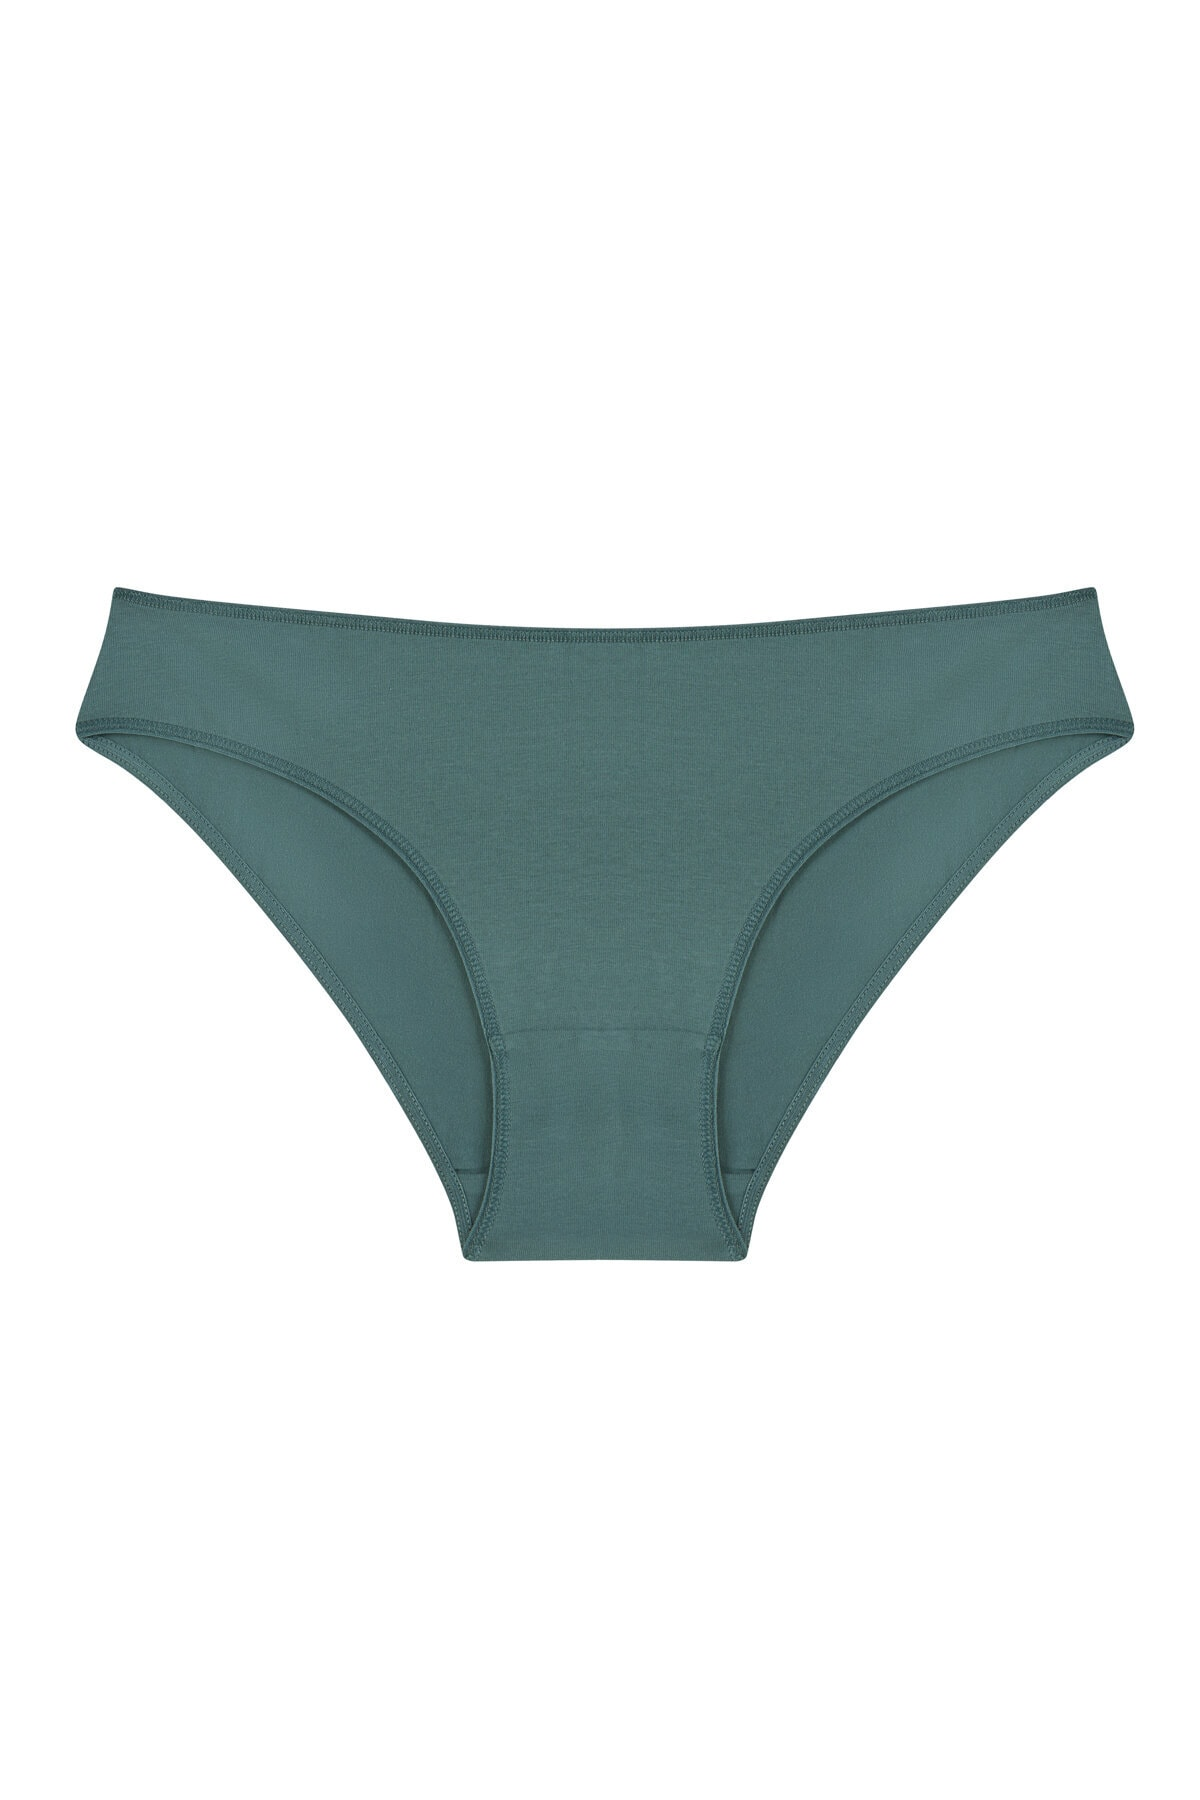 Penti Kadın Çok Renkli Whole Garden 5Li Slip Külot 4